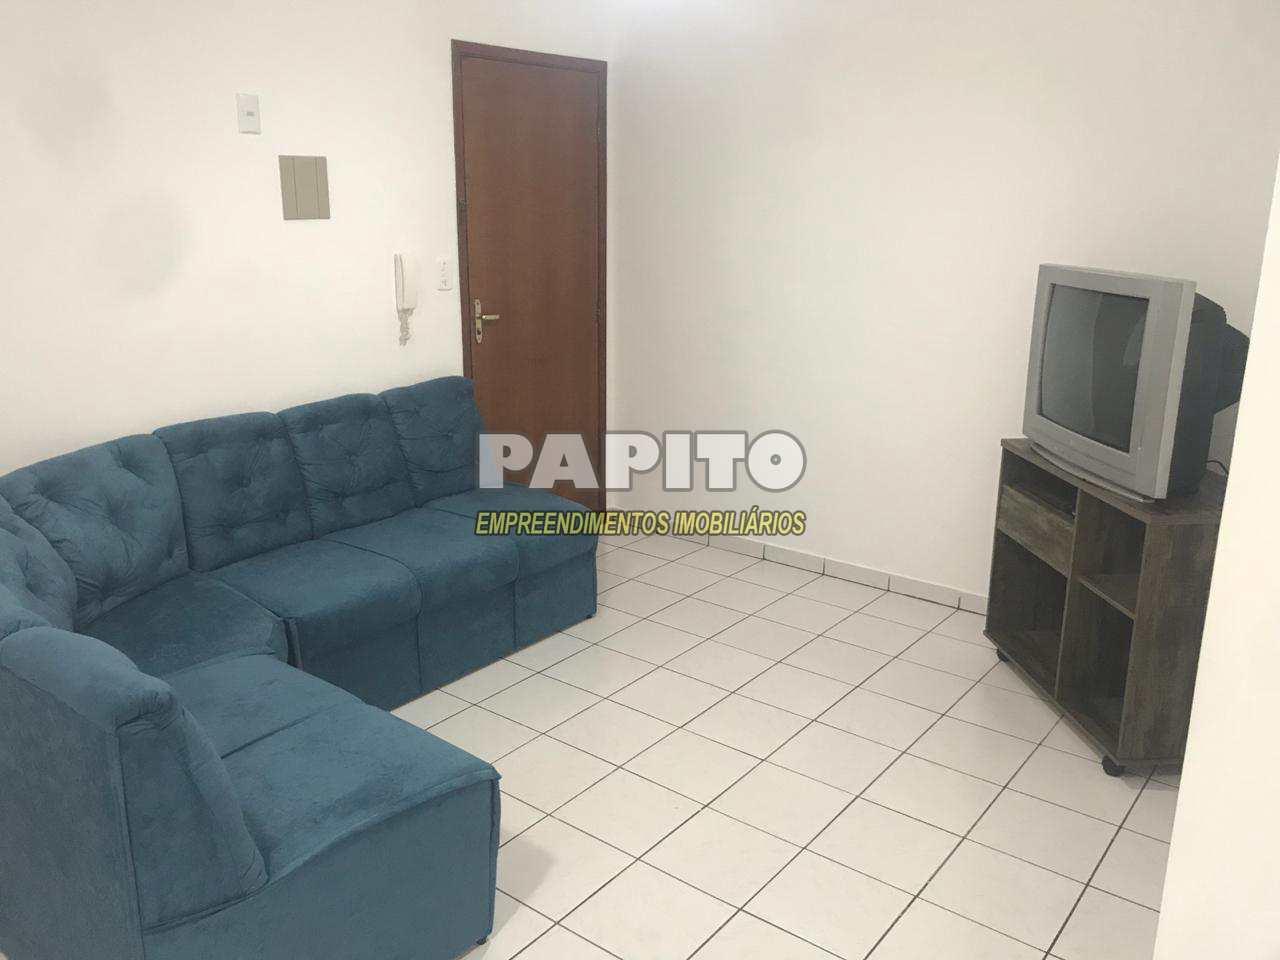 Apartamento com 1 dorm, Mirim, Praia Grande - R$ 150.000,00, 49m² - Codigo: 60010988